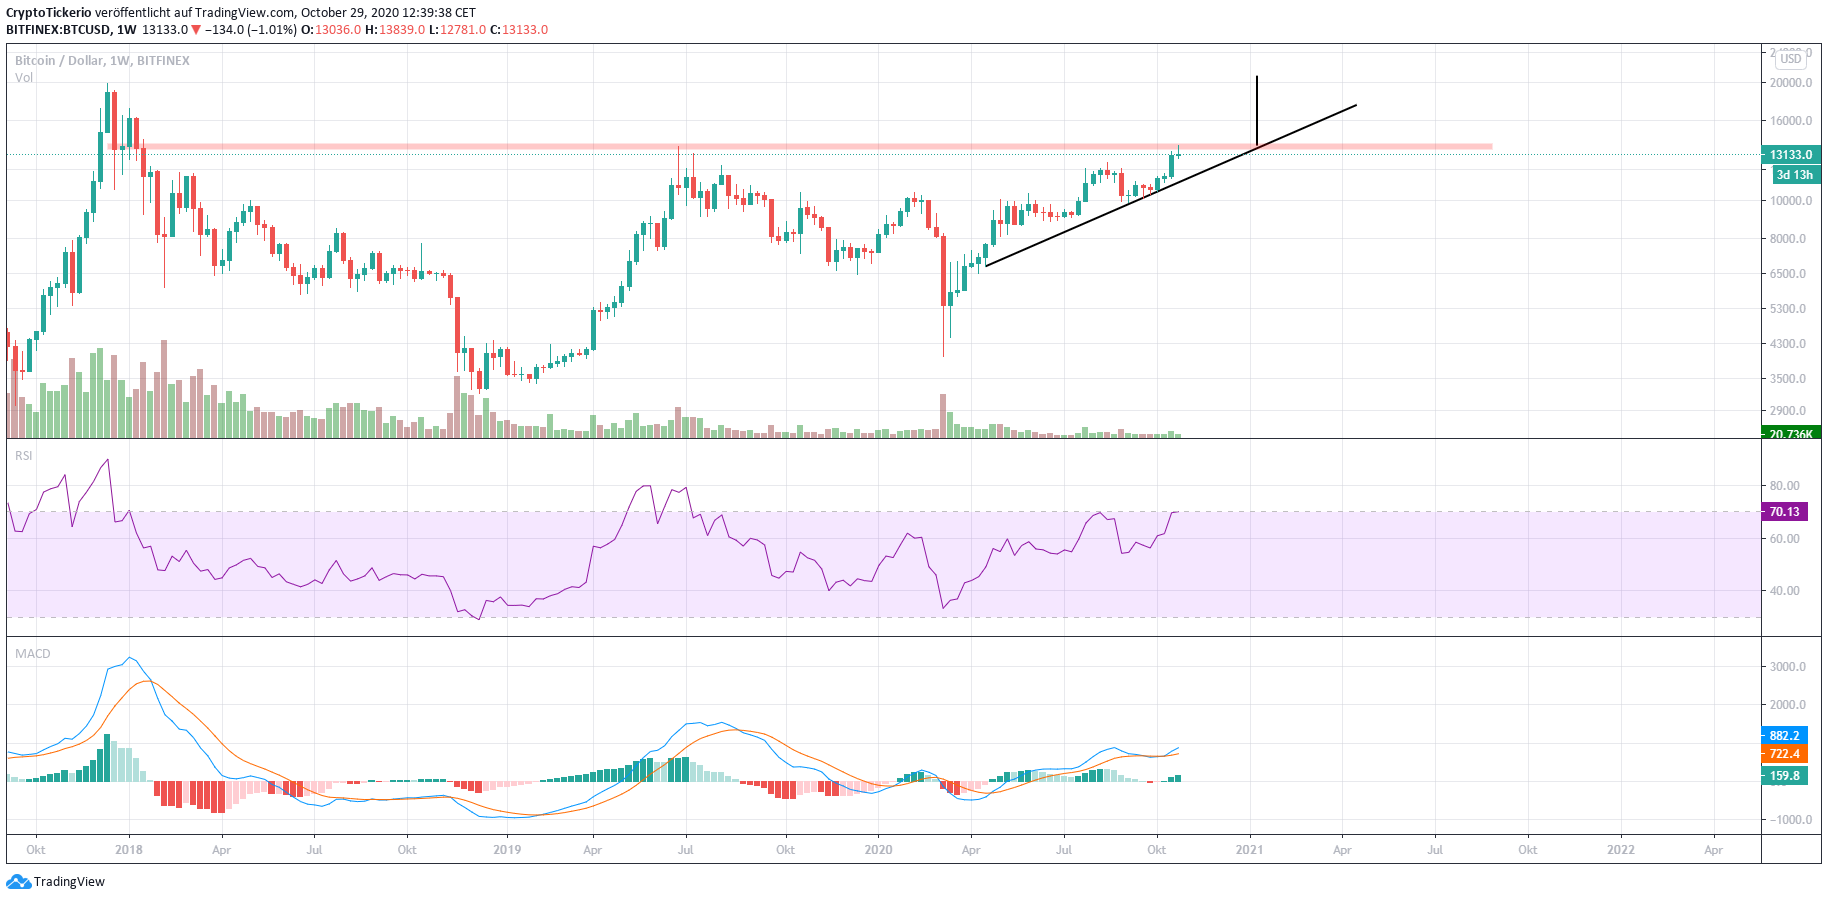 BTC/USD Wochenchart Aufsteigendes Dreieck